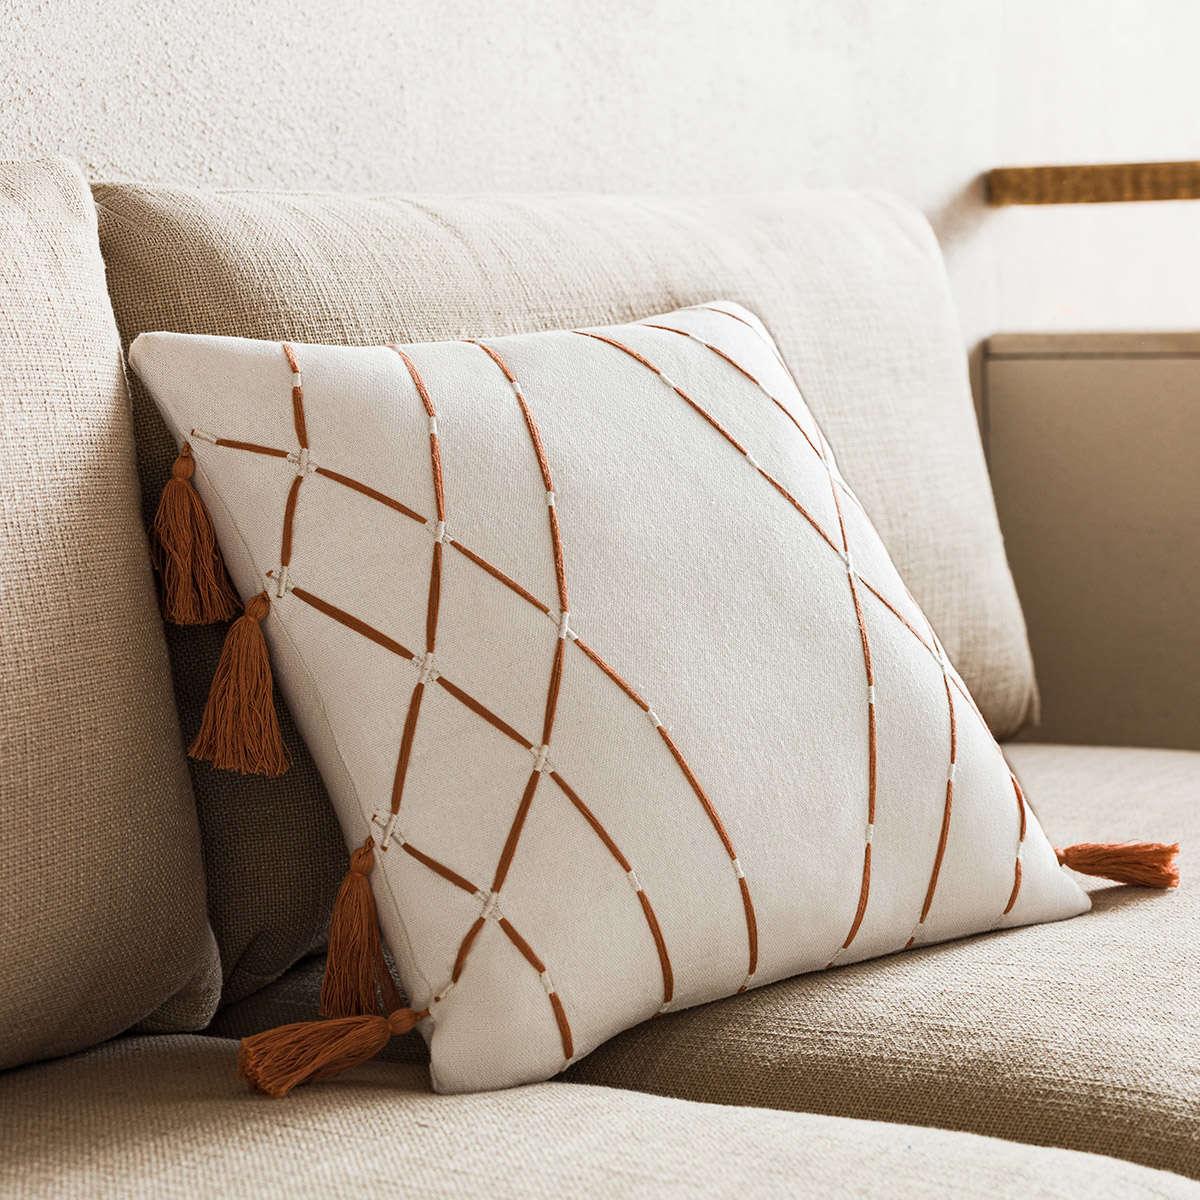 Μαξιλαροθήκη Διακοσμητική Sabi Perfect Tan 203/13 Gofis Home 45X45 100% Βαμβάκι